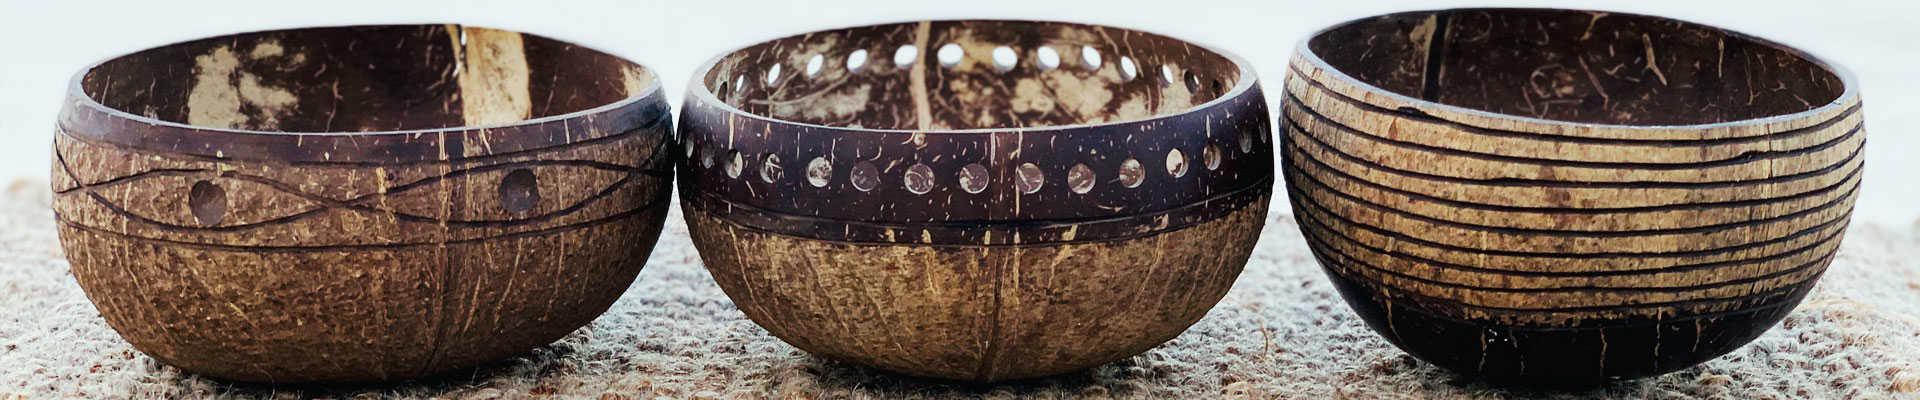 Eco Earth Homewares Coconut Bowls